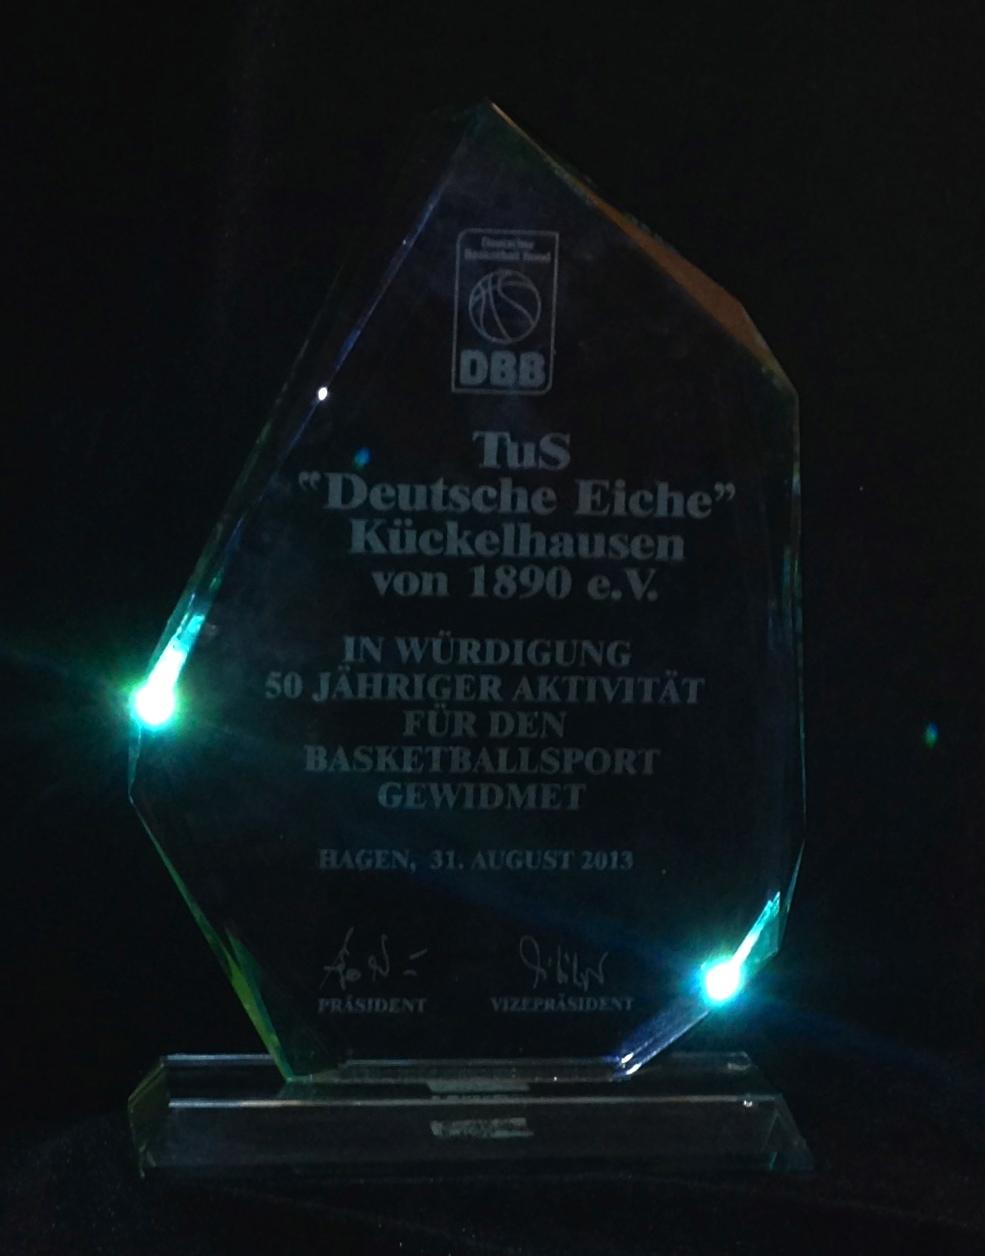 50 Jahre Basketball bei DEK1890 e.V.